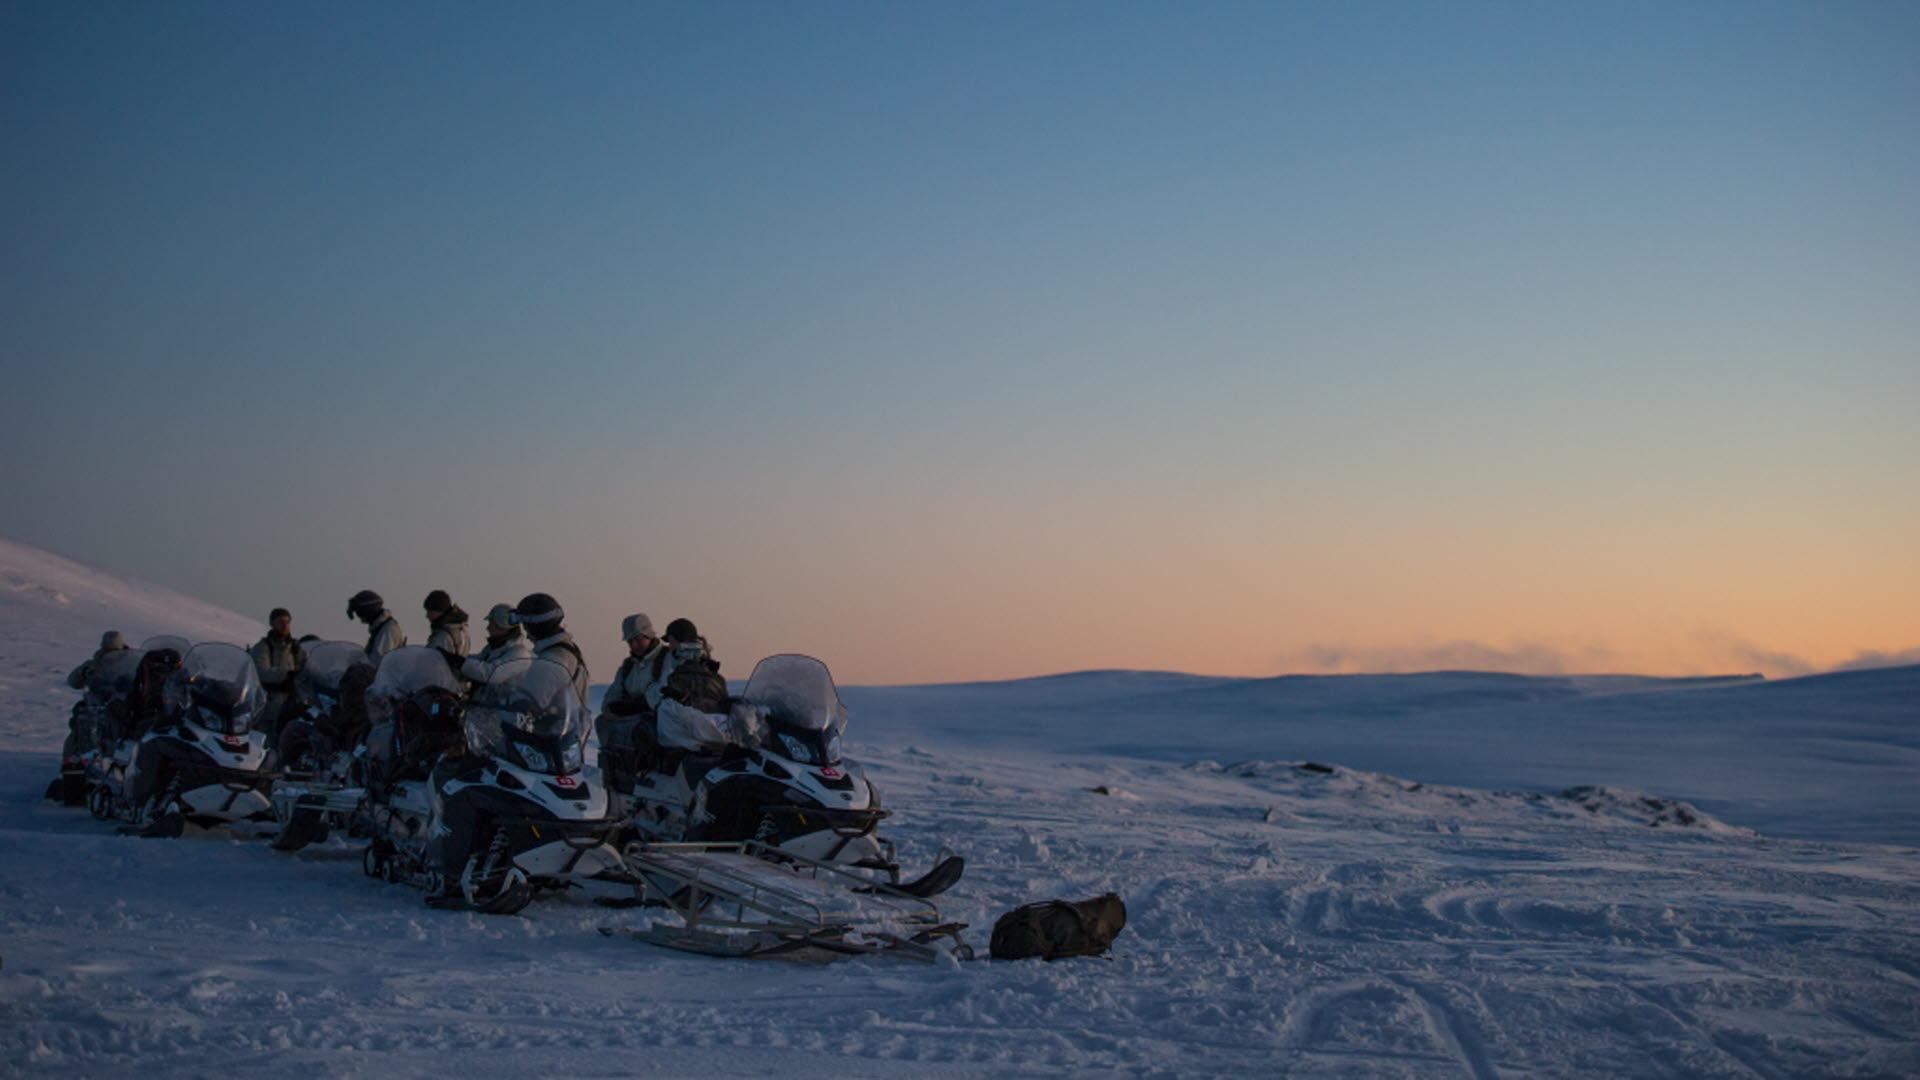 Foto: David Gernes/Försvarsmakten